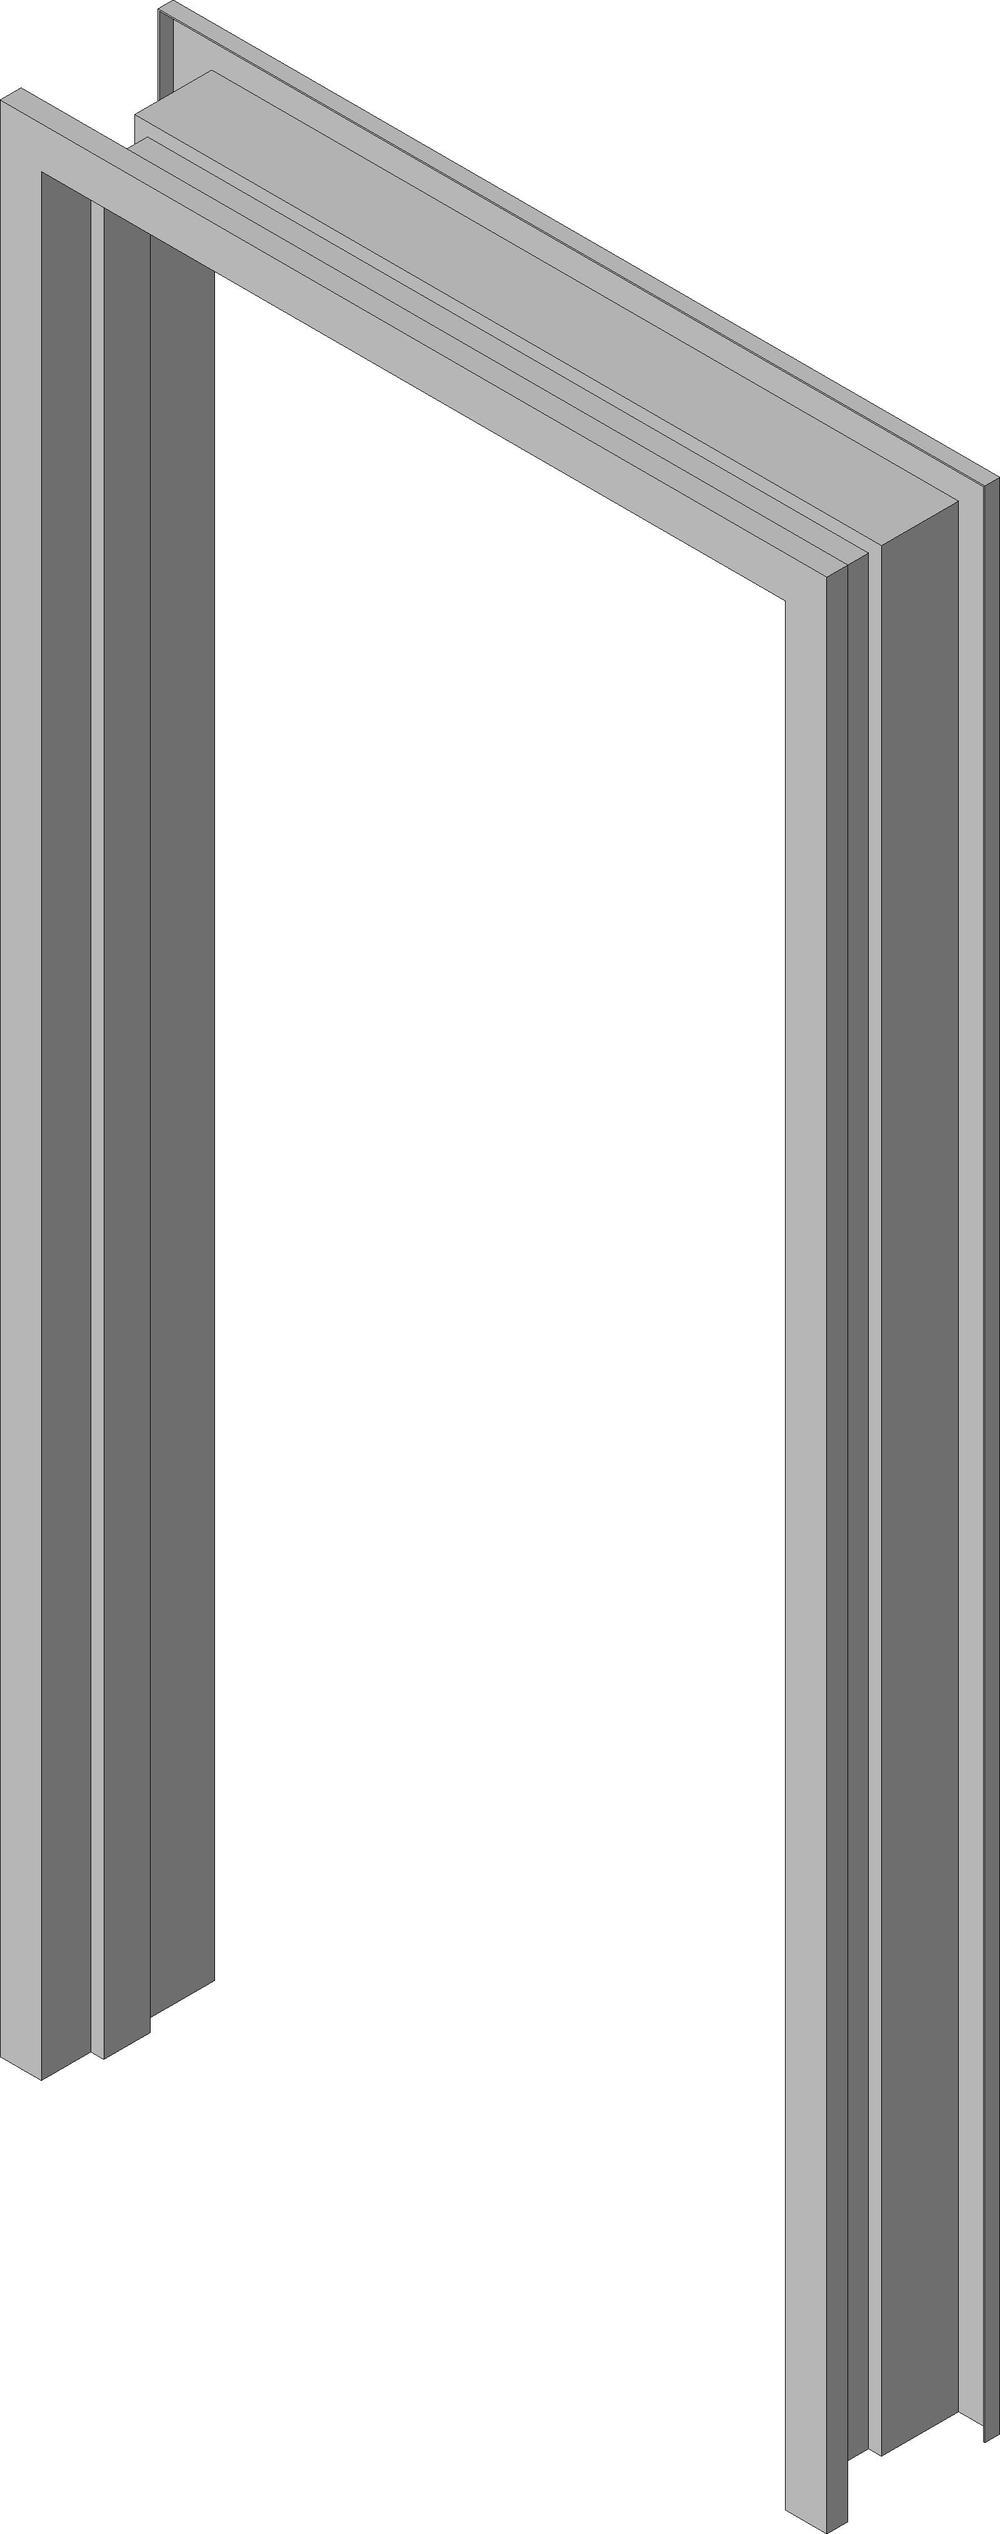 Marcos de Puerta de Acero